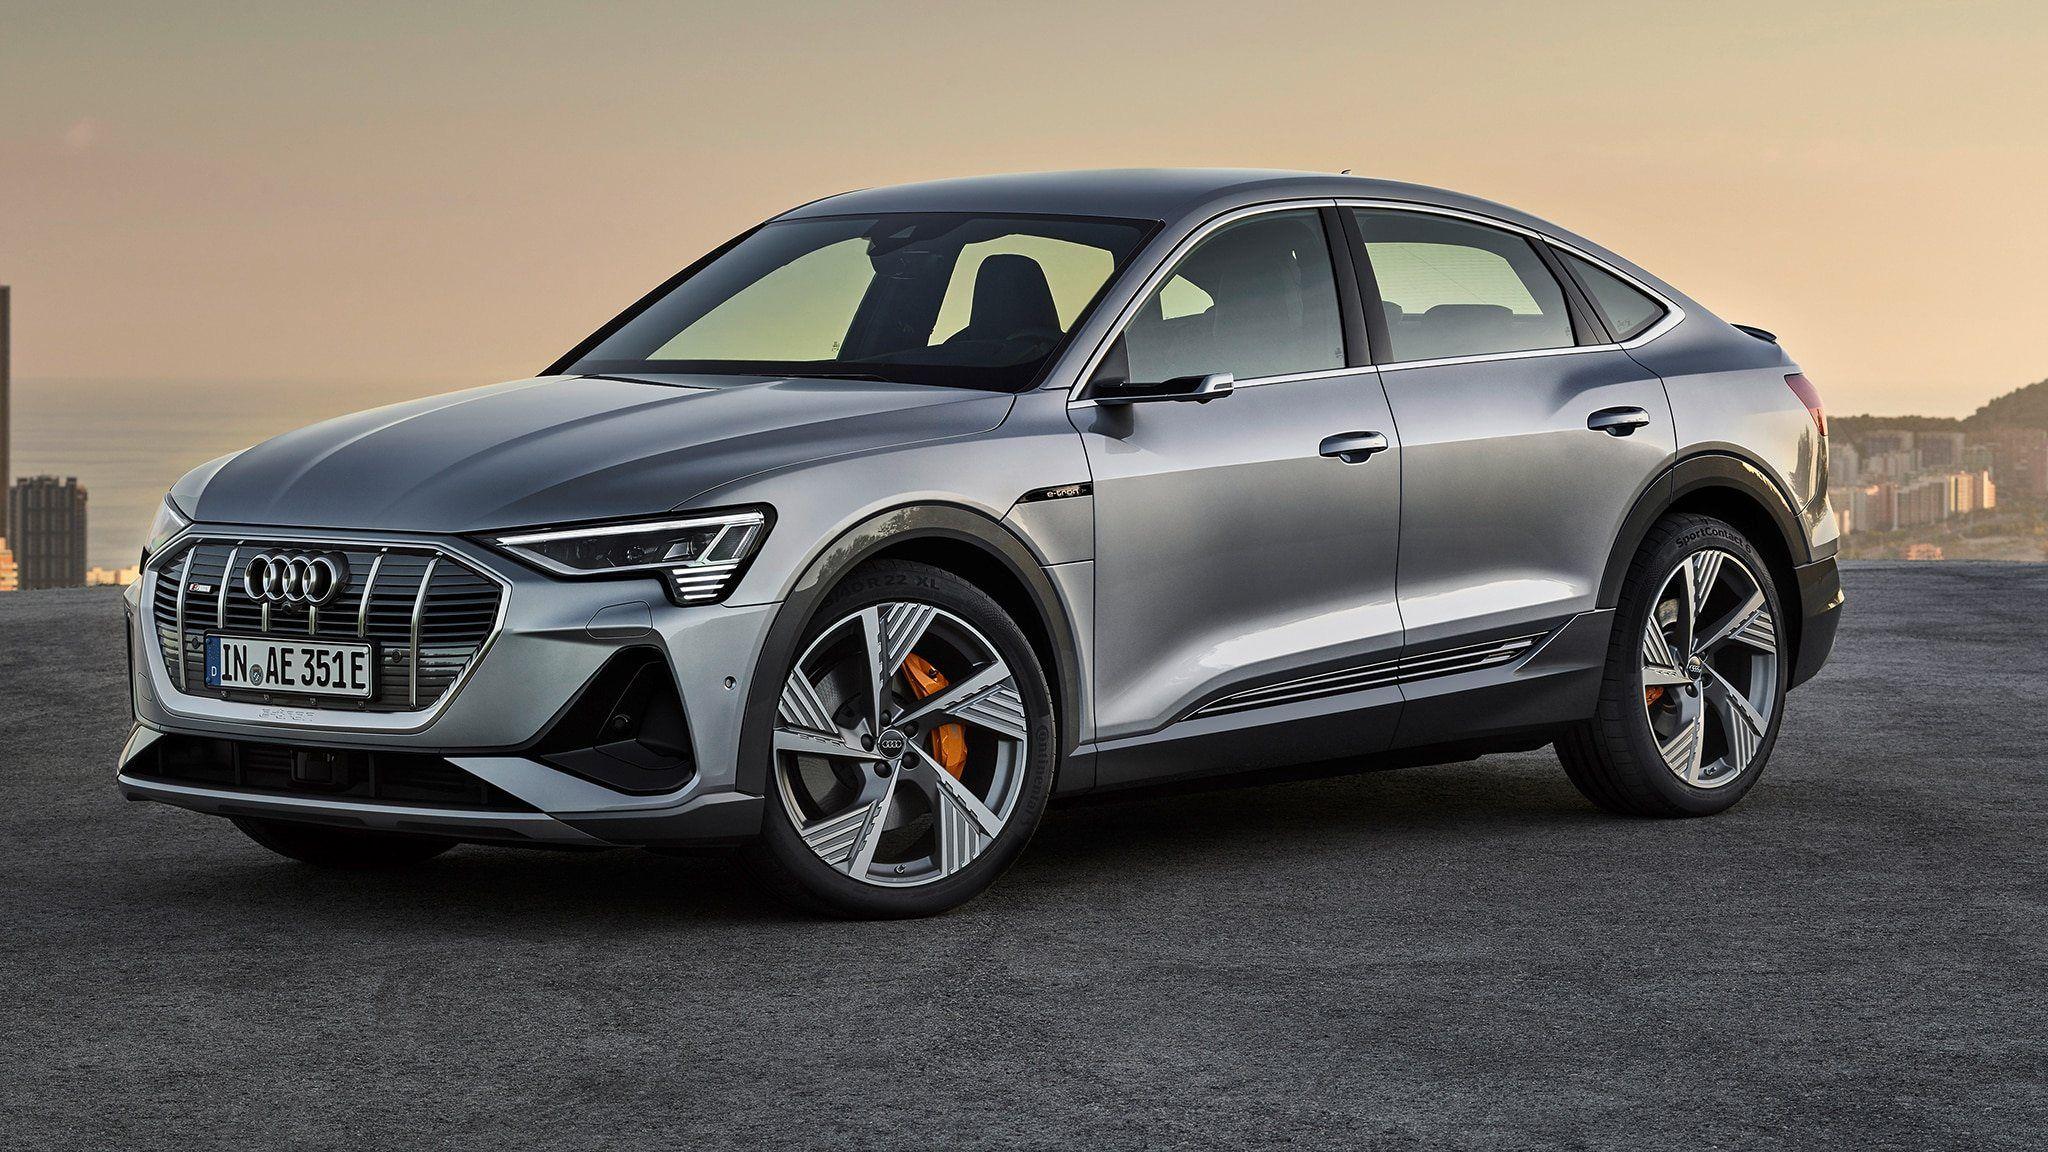 2021 Audi A5 Pictures In 2020 Audi E Tron E Tron Audi